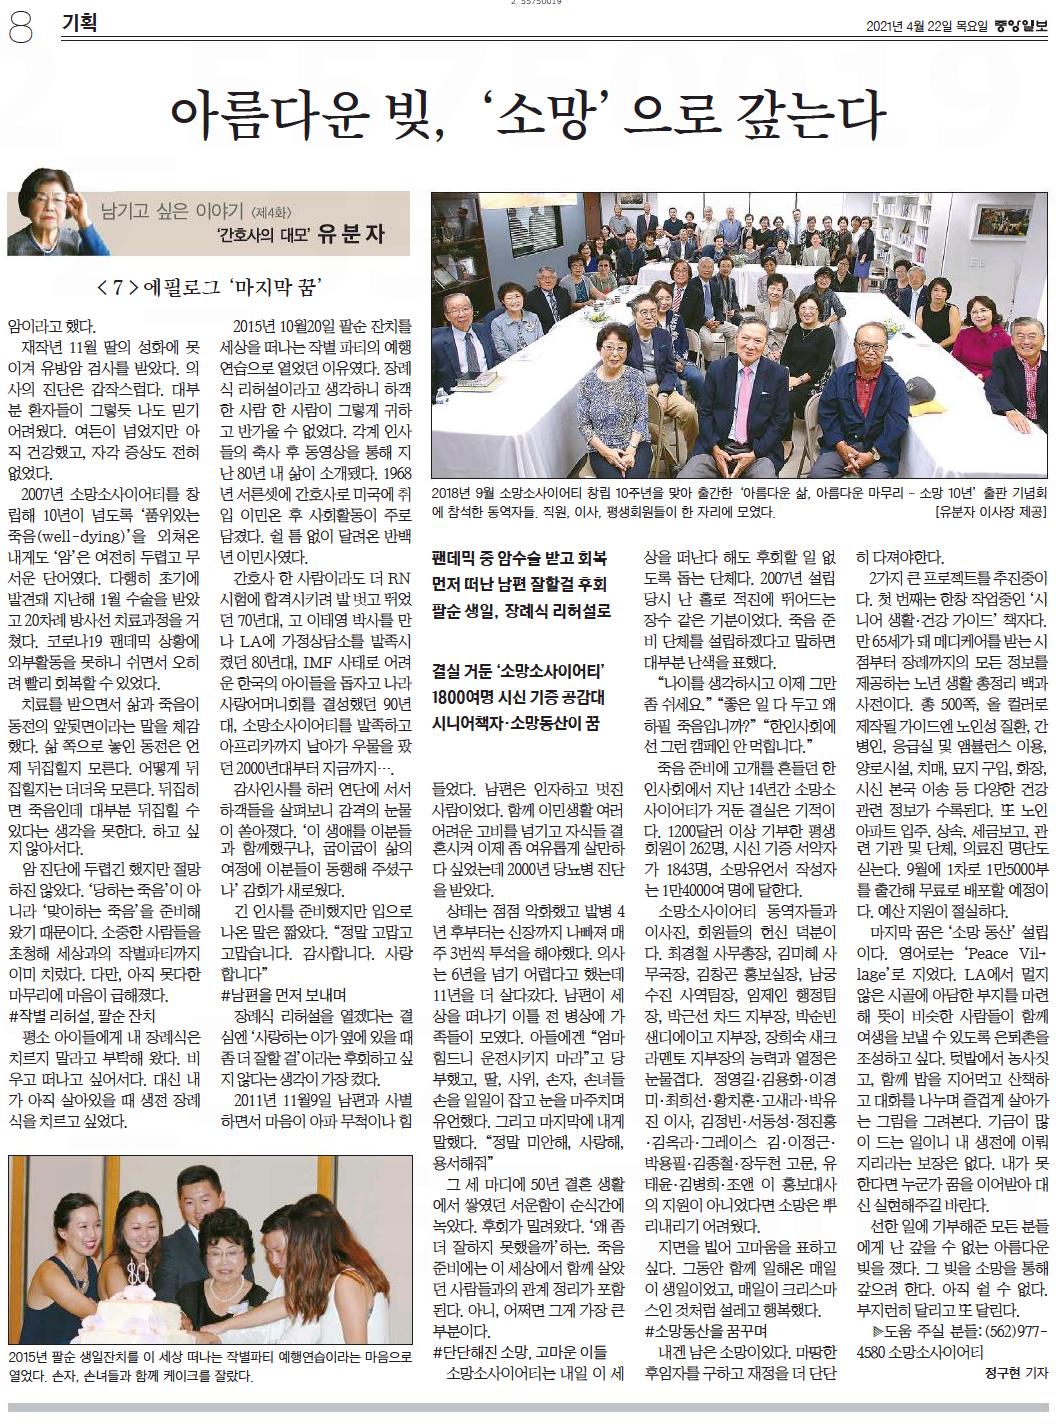 [중앙일보] 남기고 싶은 이야기  – 7. 아름다운 빚, '소망'으로 갚는다.